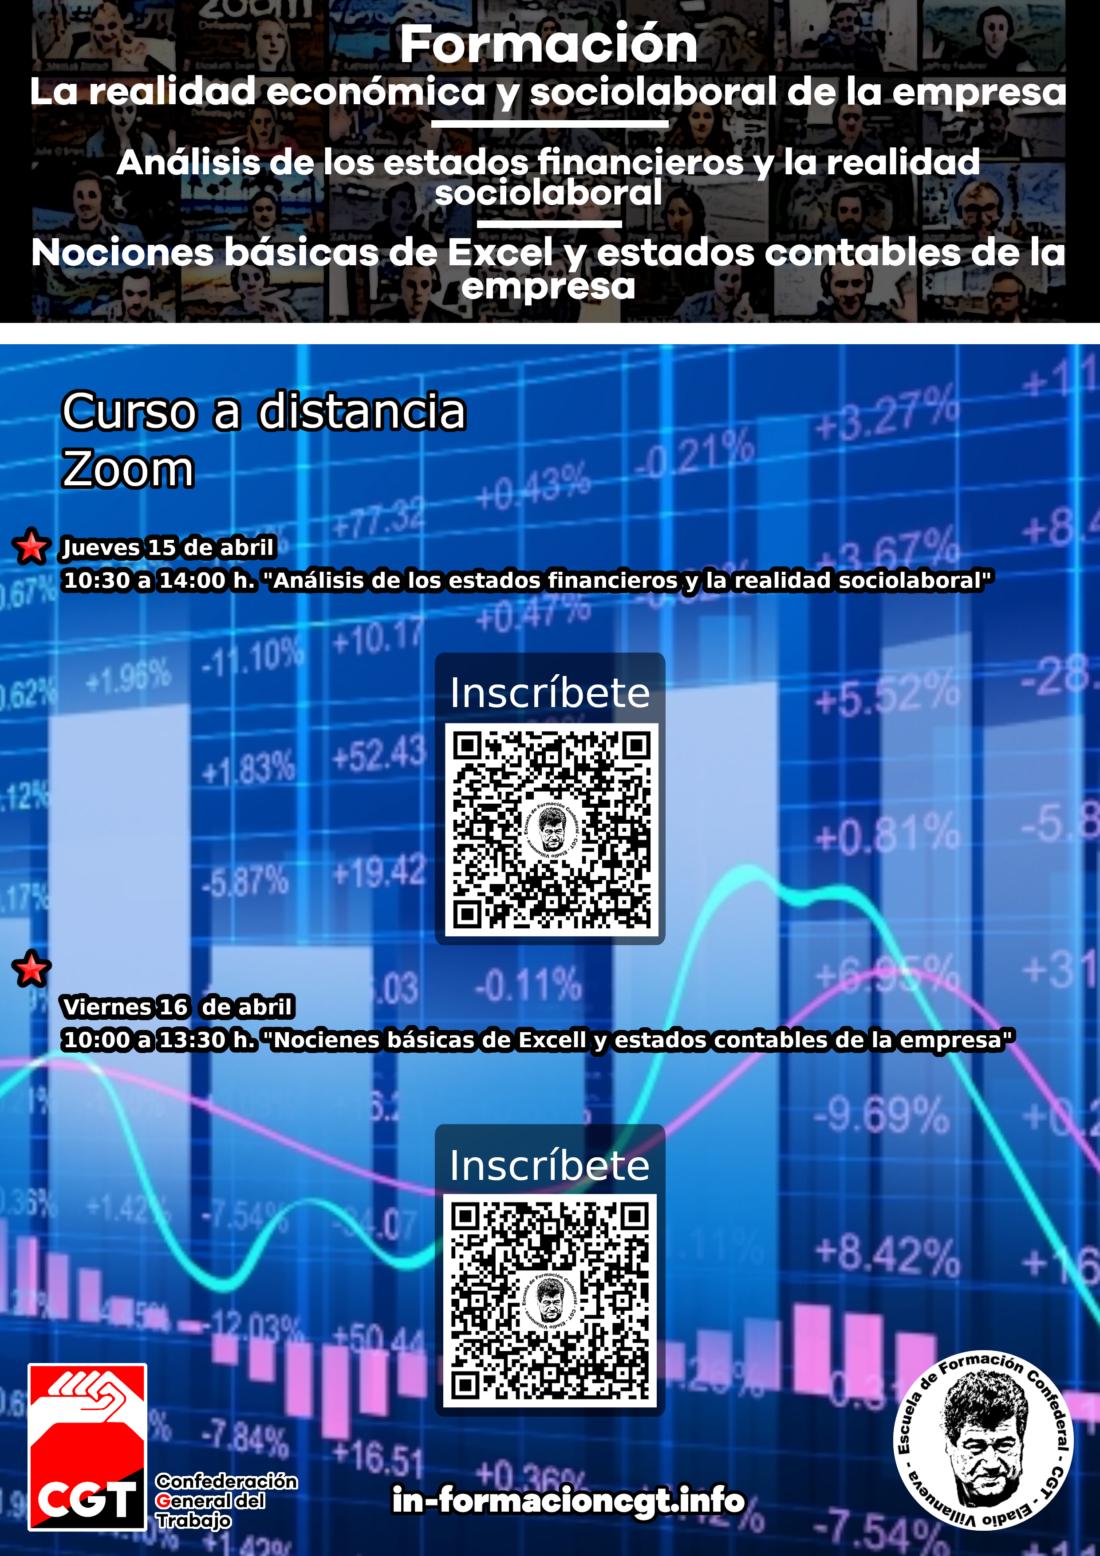 Formación: La realidad económica y sociolaboral de la empresa